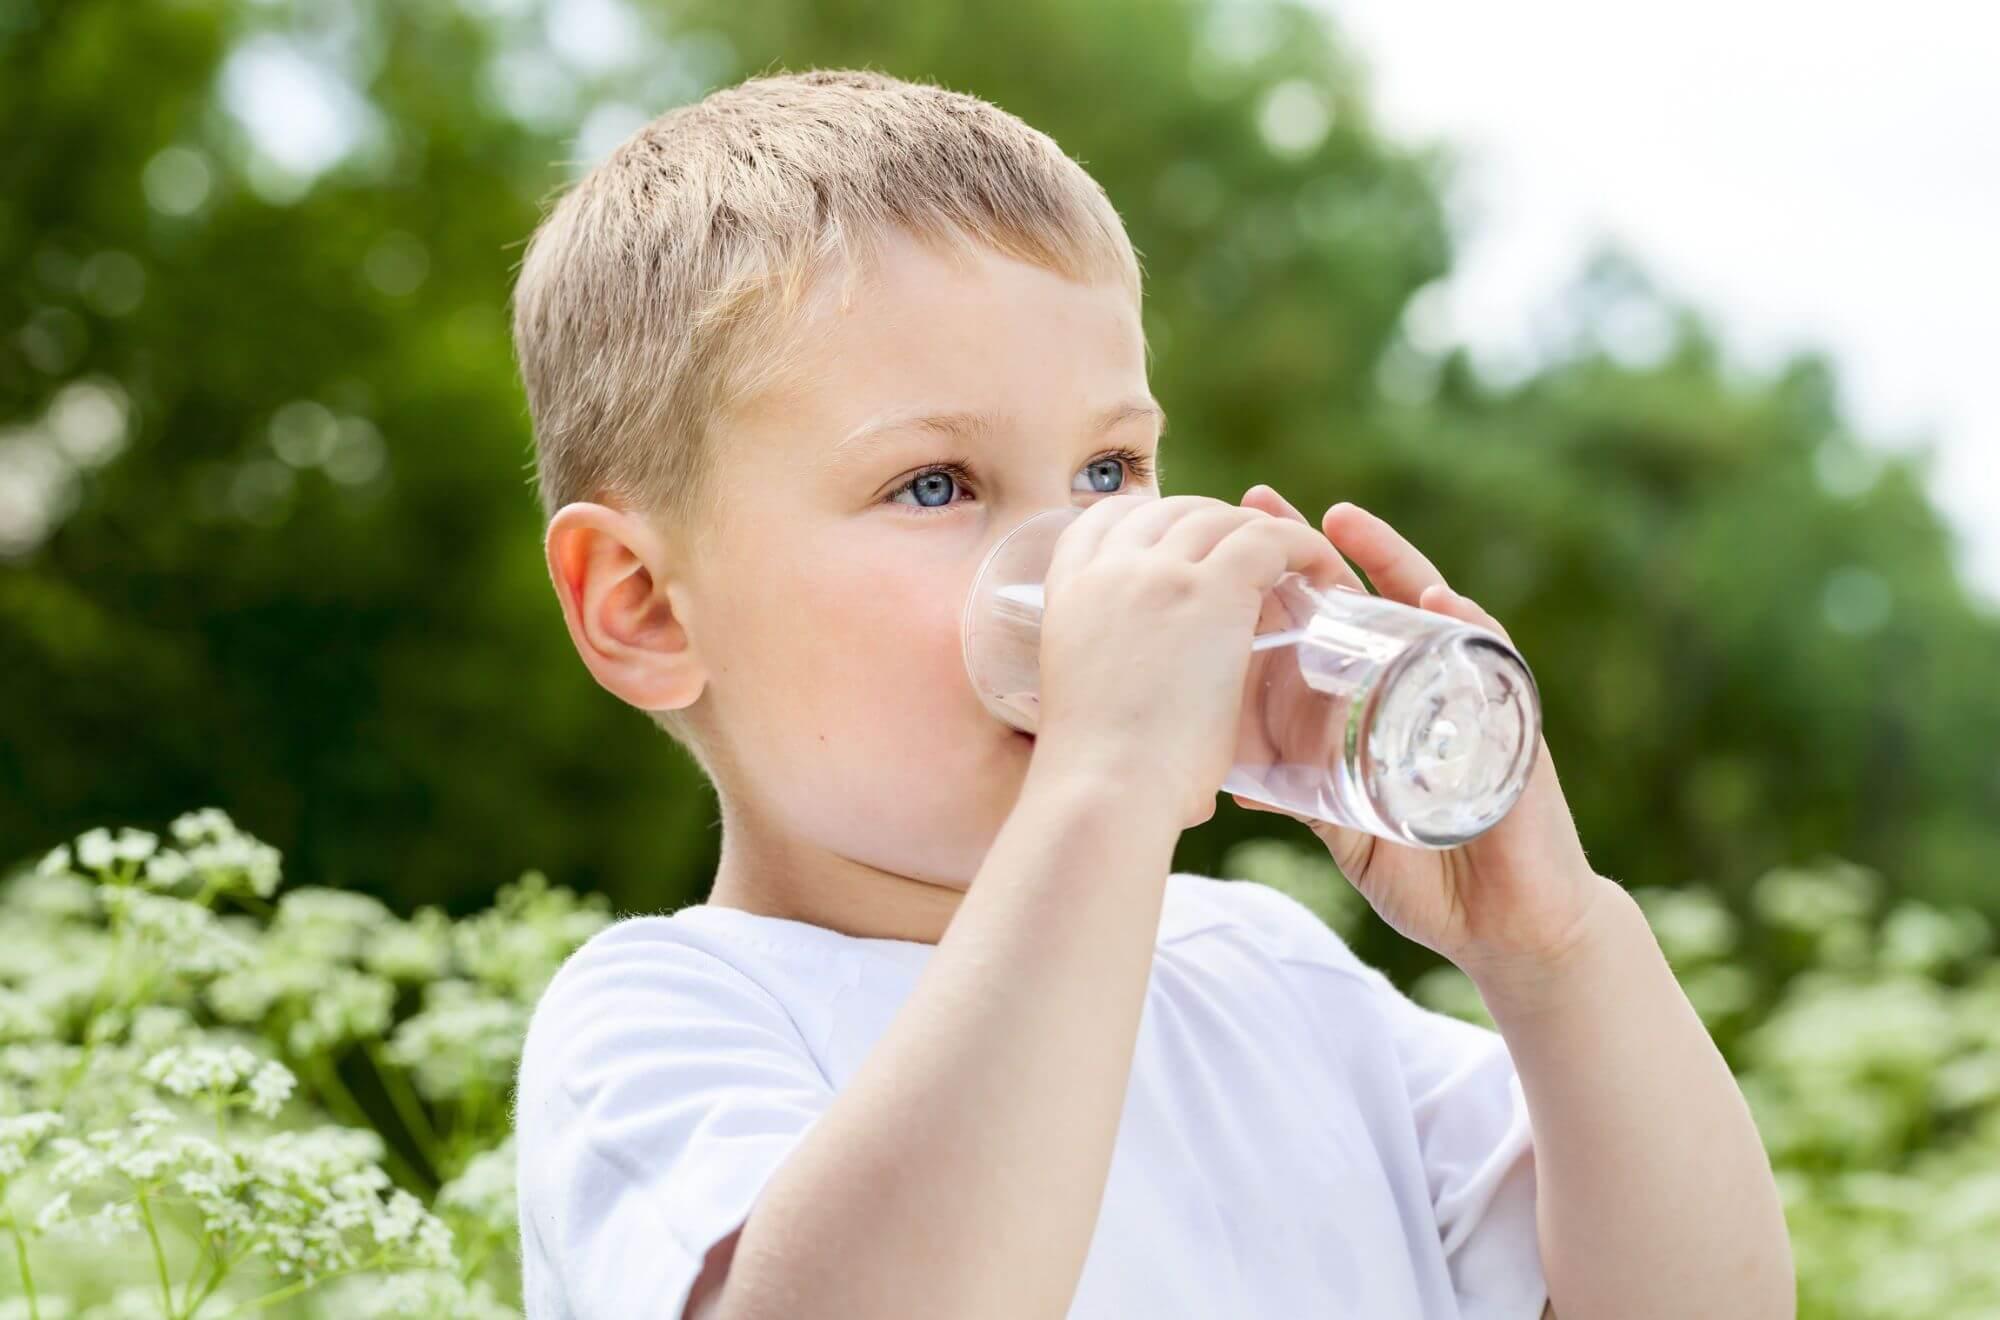 garçon buvant de l'eau dans un verre transparent